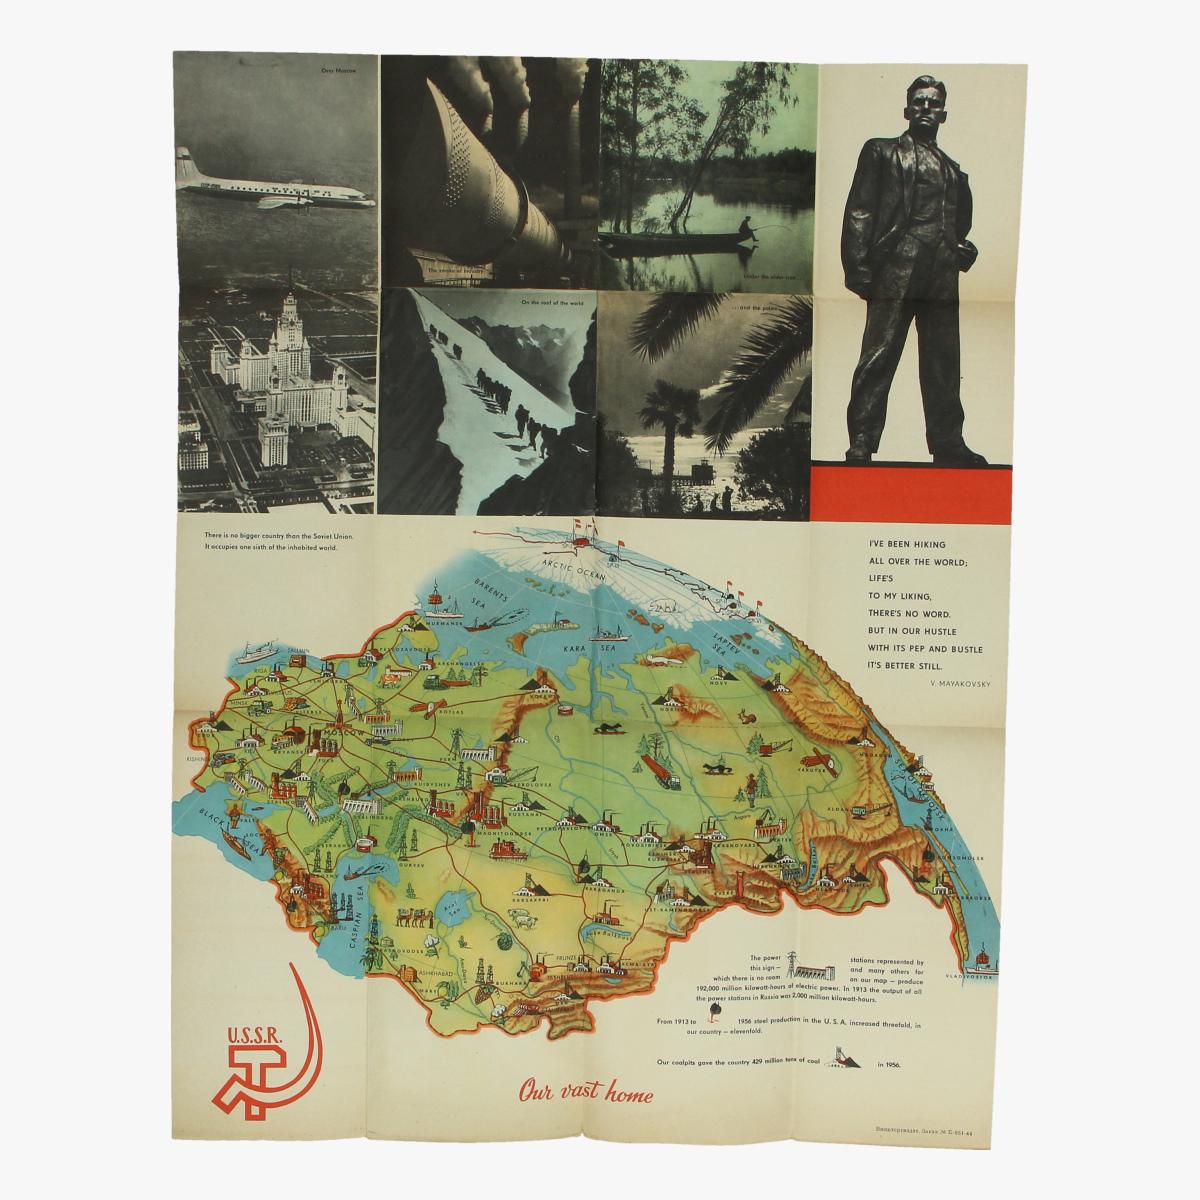 Afbeeldingen van expo 58 flyer u.r.r.s bruxelles